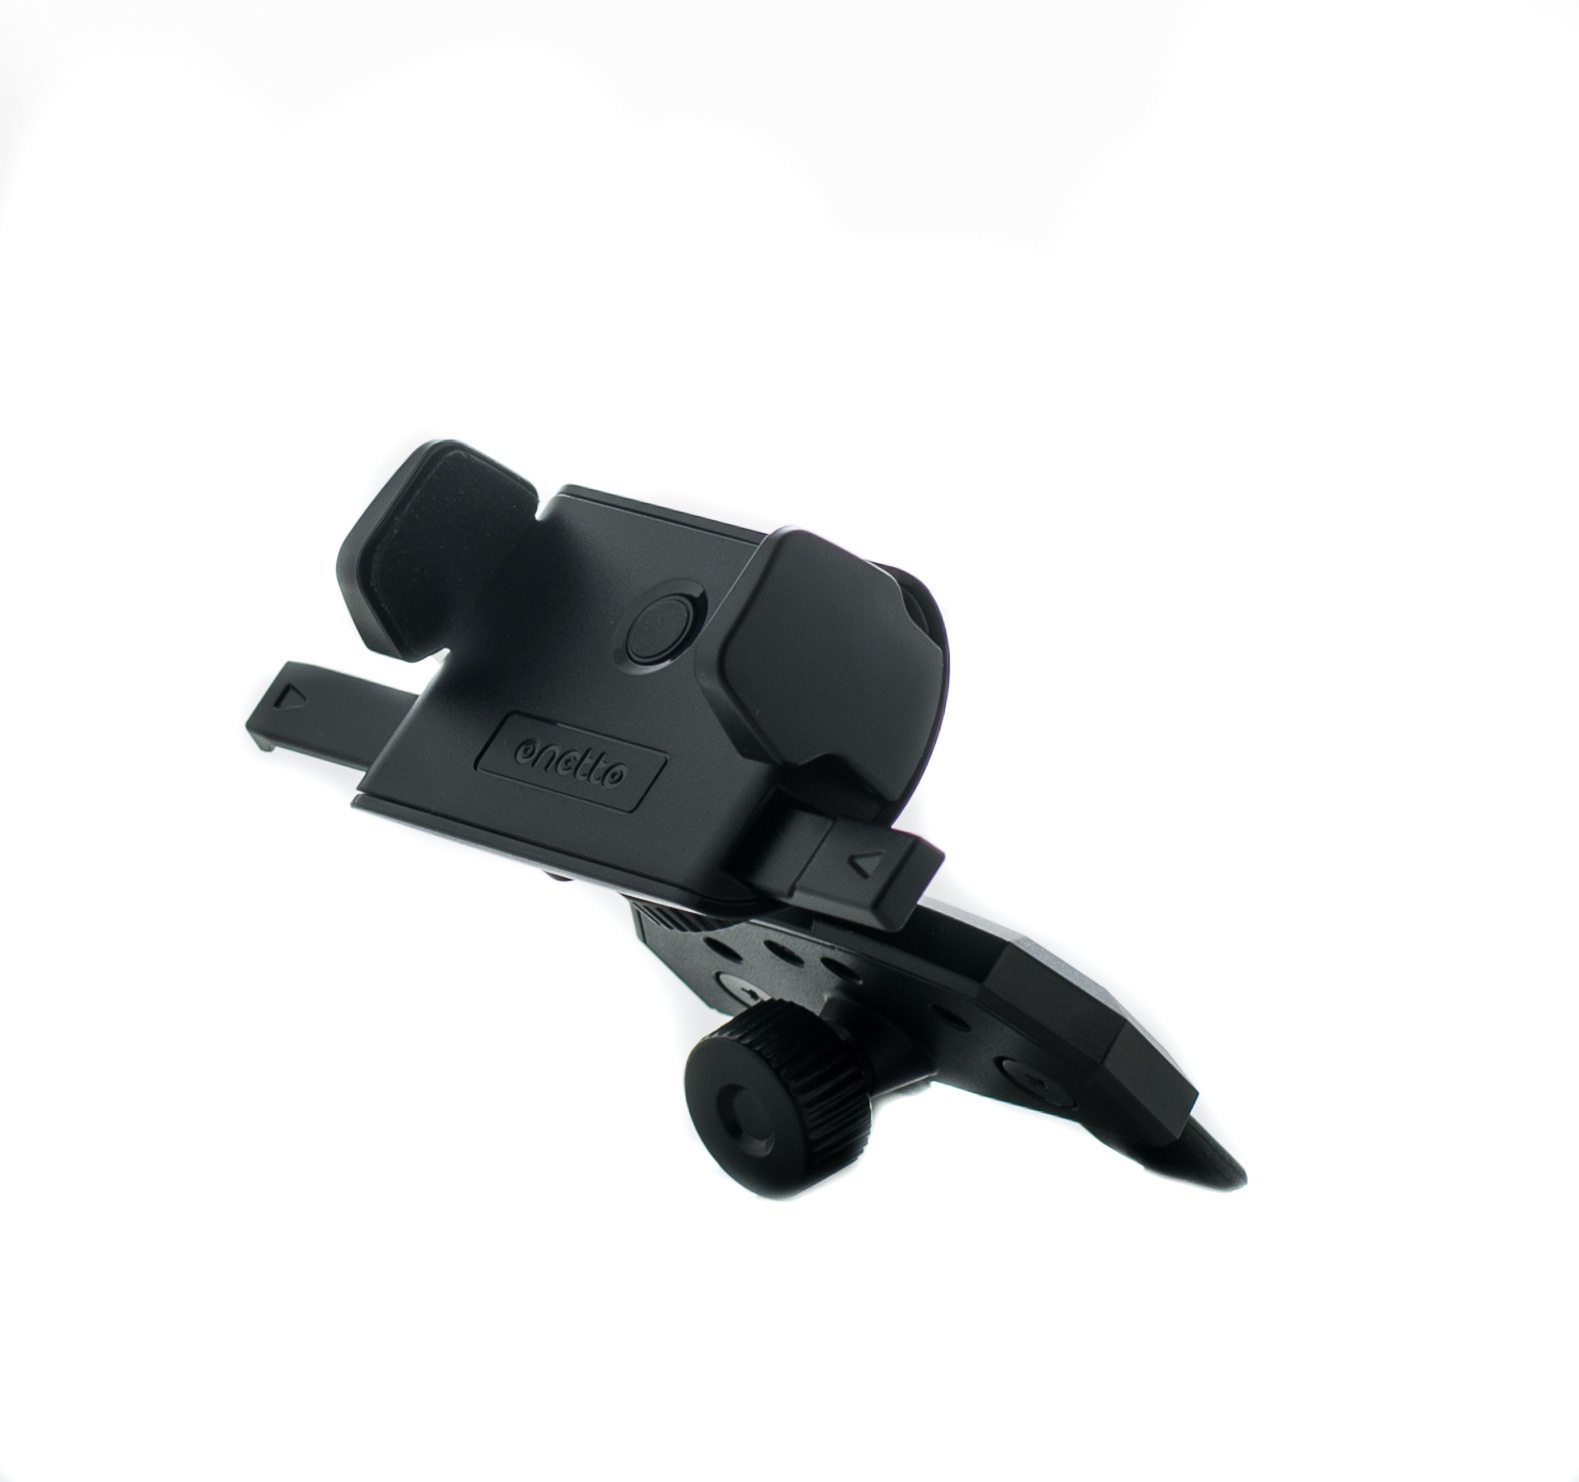 Автомобильный держатель Onetto CD Slot Mount One Touch Mini автомобильный держатель onetto one touch mini telescopic черный